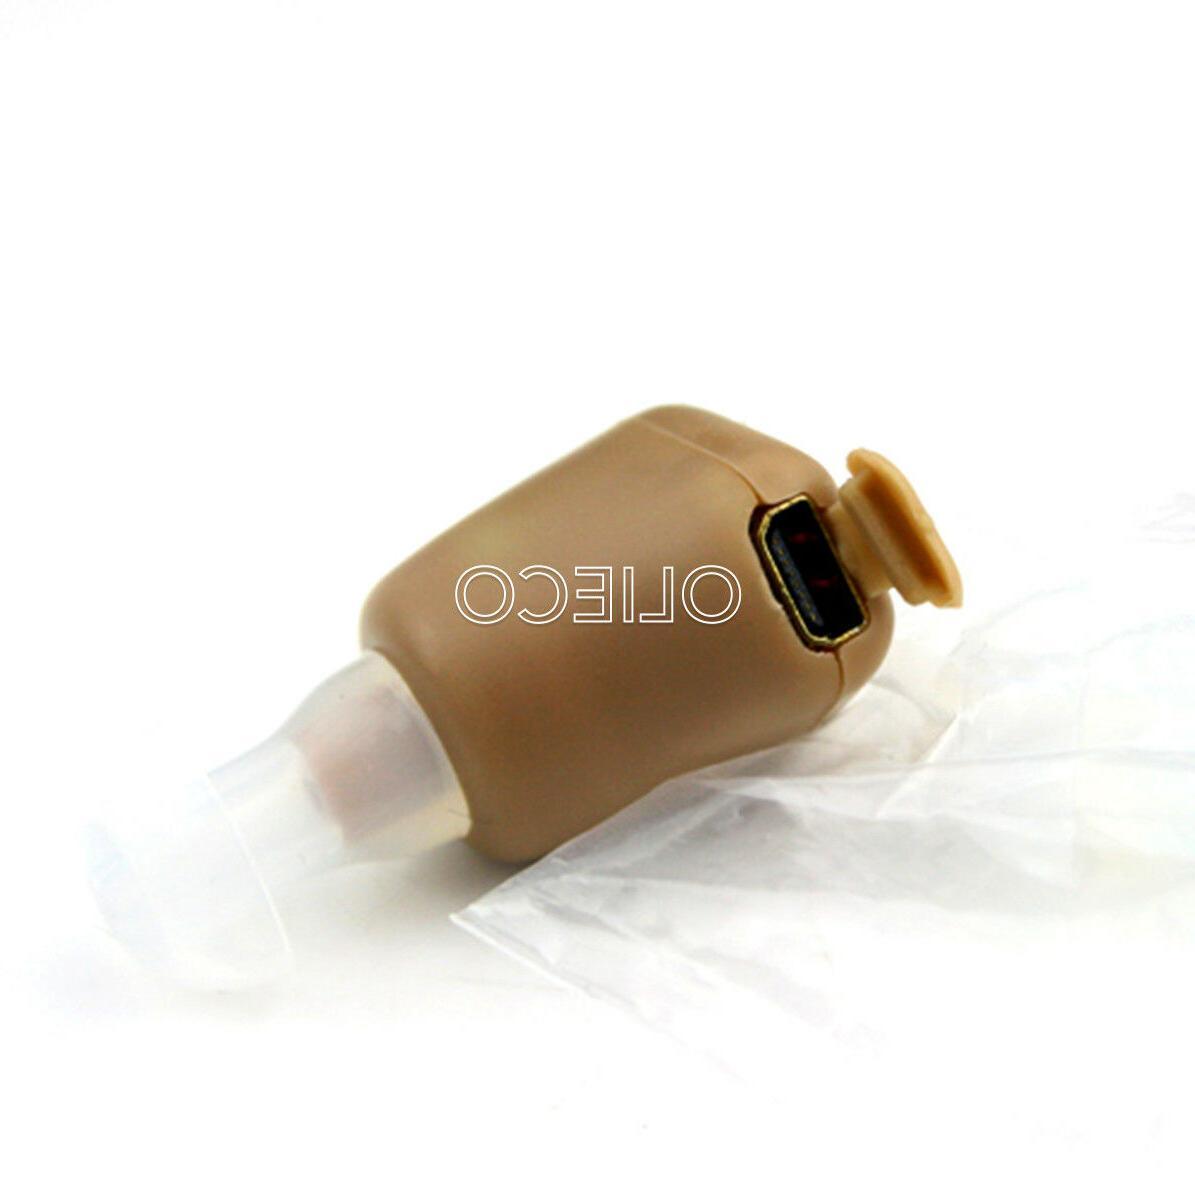 Rechargeable Digital Amplifier Aid Ear